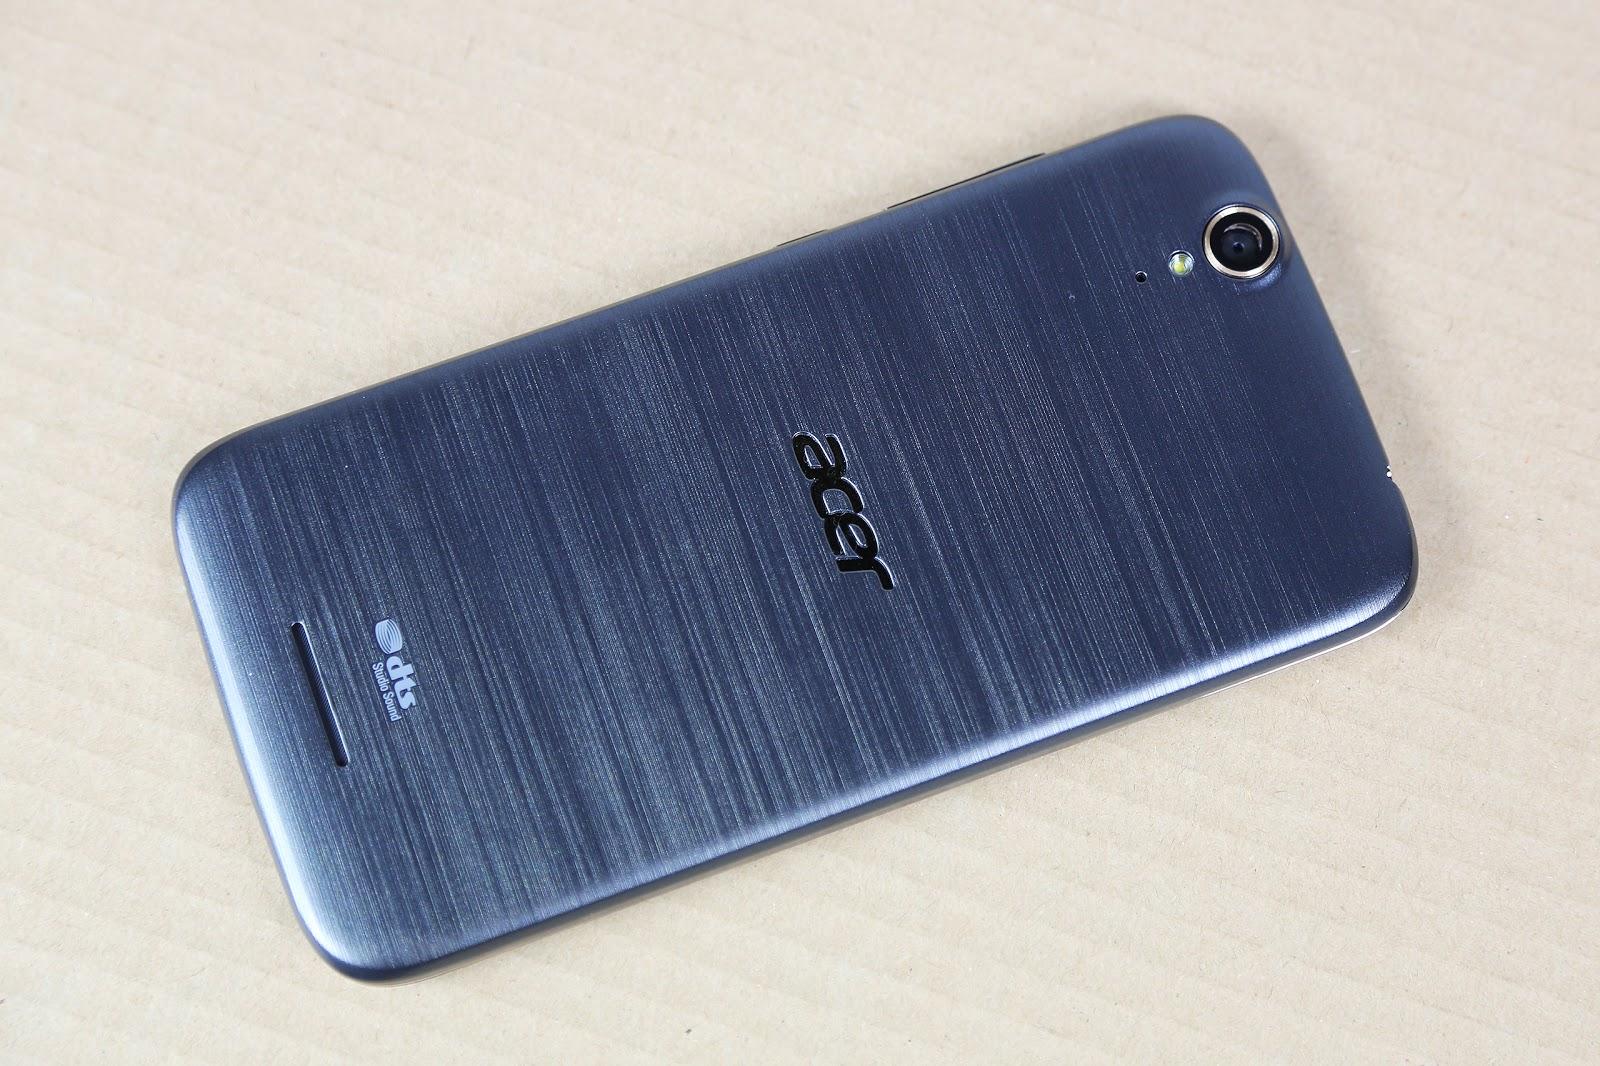 Обзор Acer Liquid Z630S: технологичный долгожитель - 2